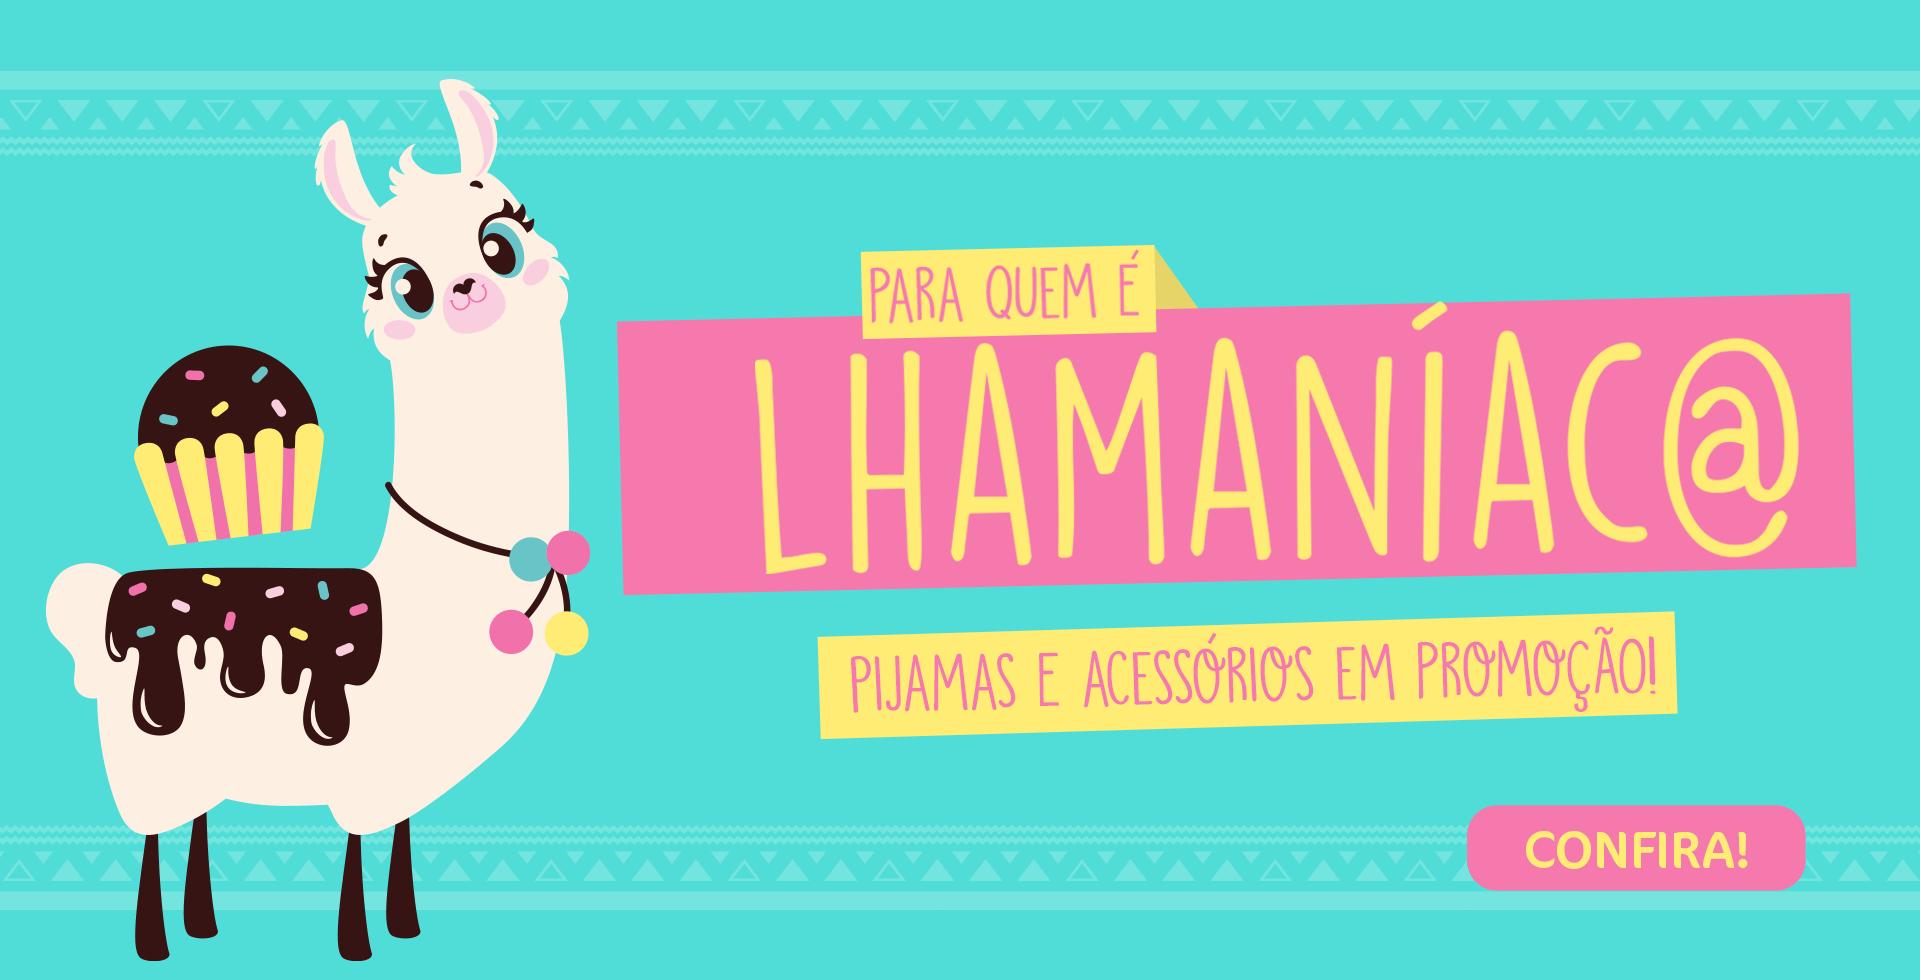 Lhamaniaca! Pijamas e Acessórios em promoção!